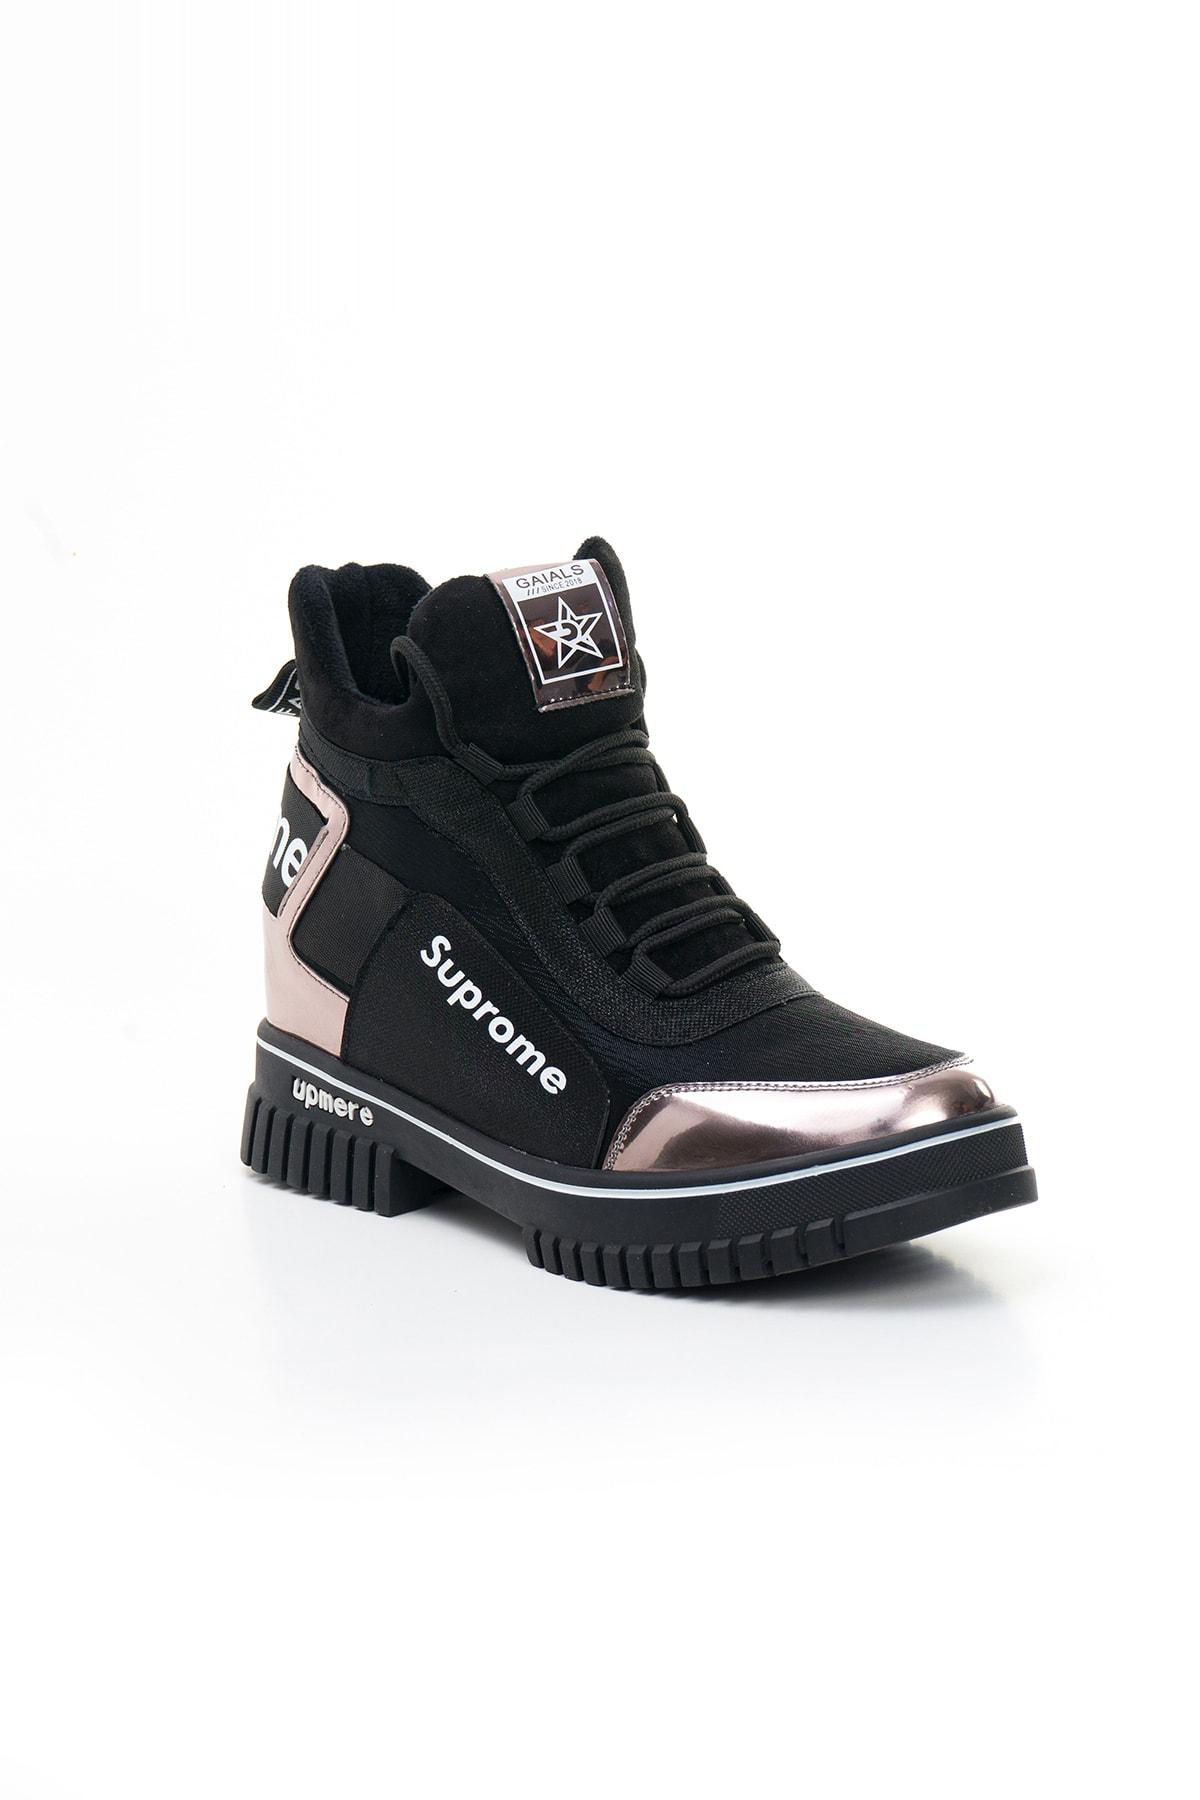 Guja Kadın Siyah Spor Ayakkabı 19k326-3